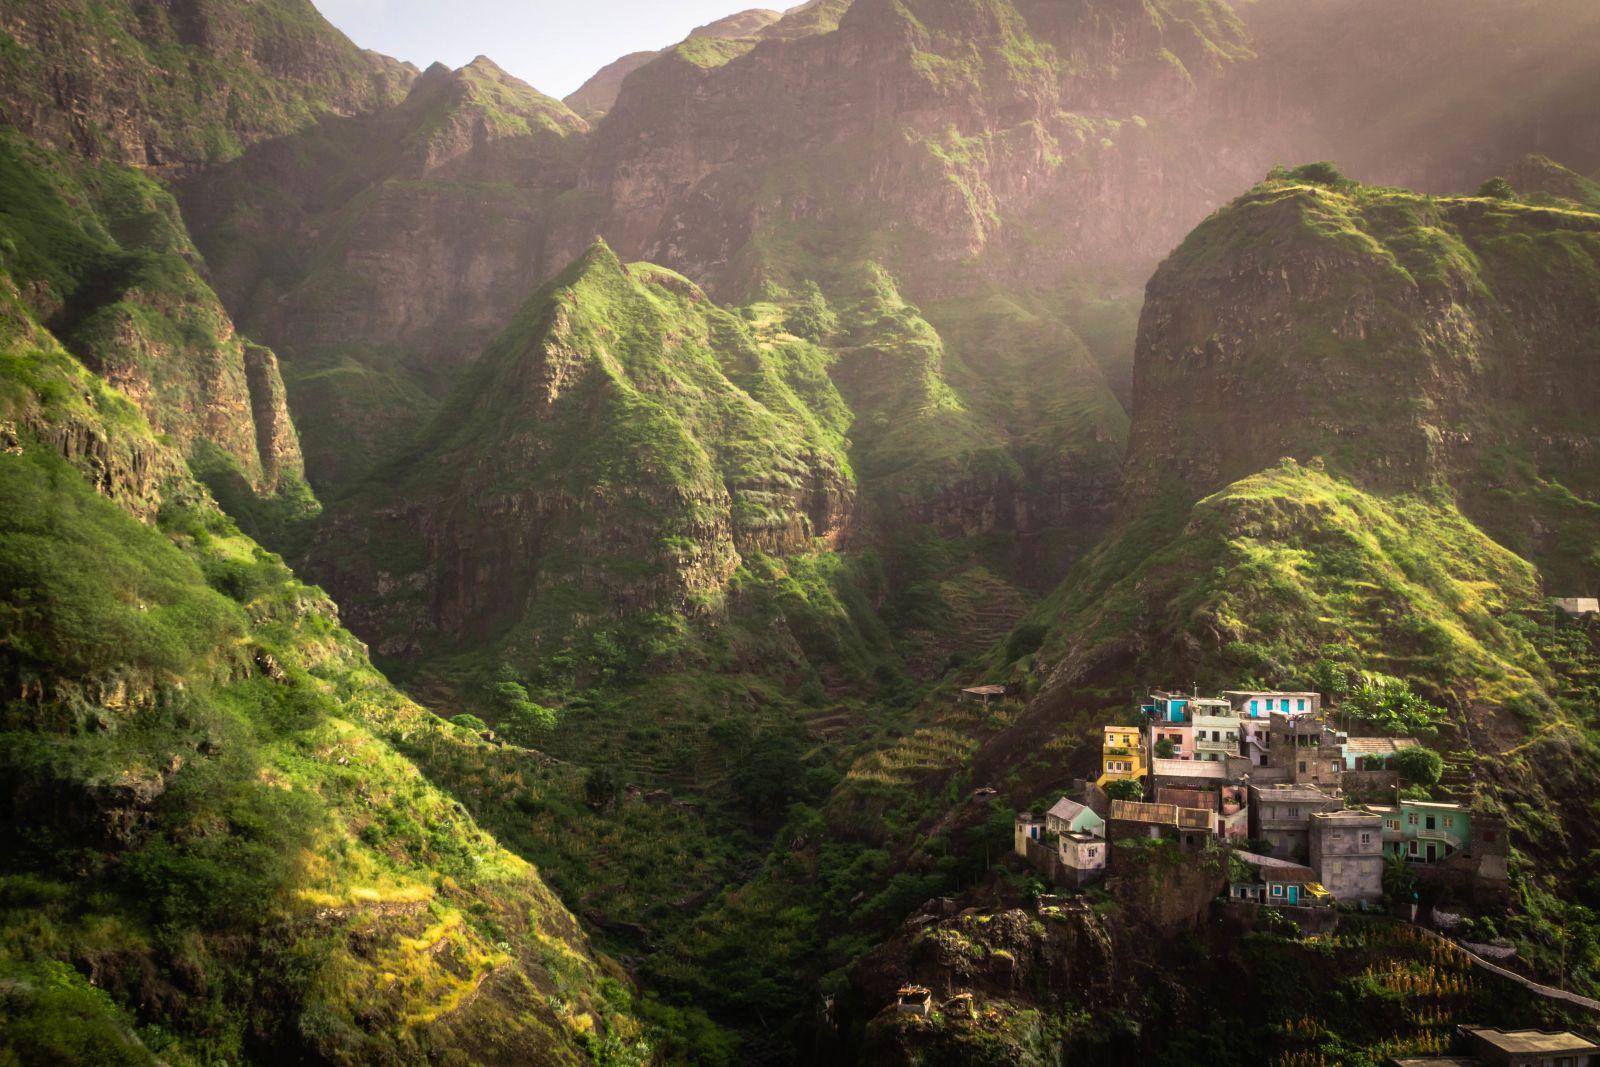 Die Berge von Santo Antão sind ein grünes Paradies, ideal zum Wandern. ©Ulrich/AdobeStock